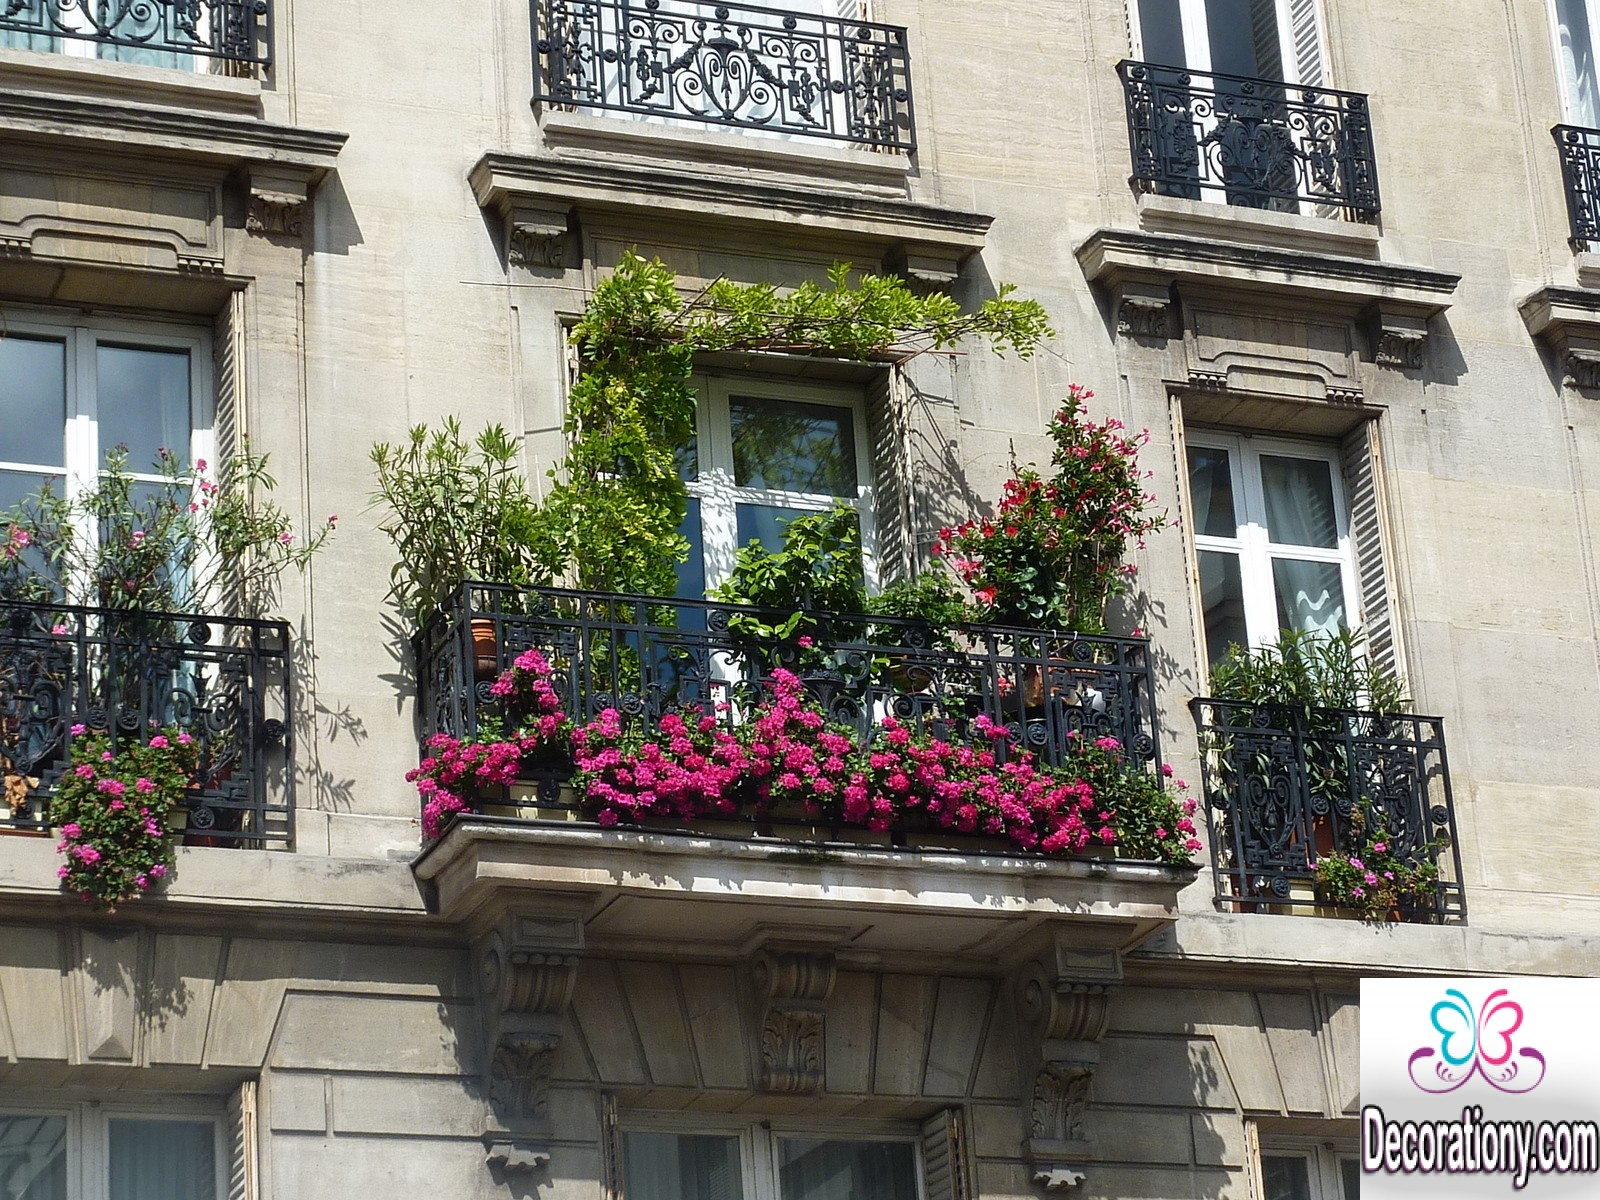 juliet balcony design